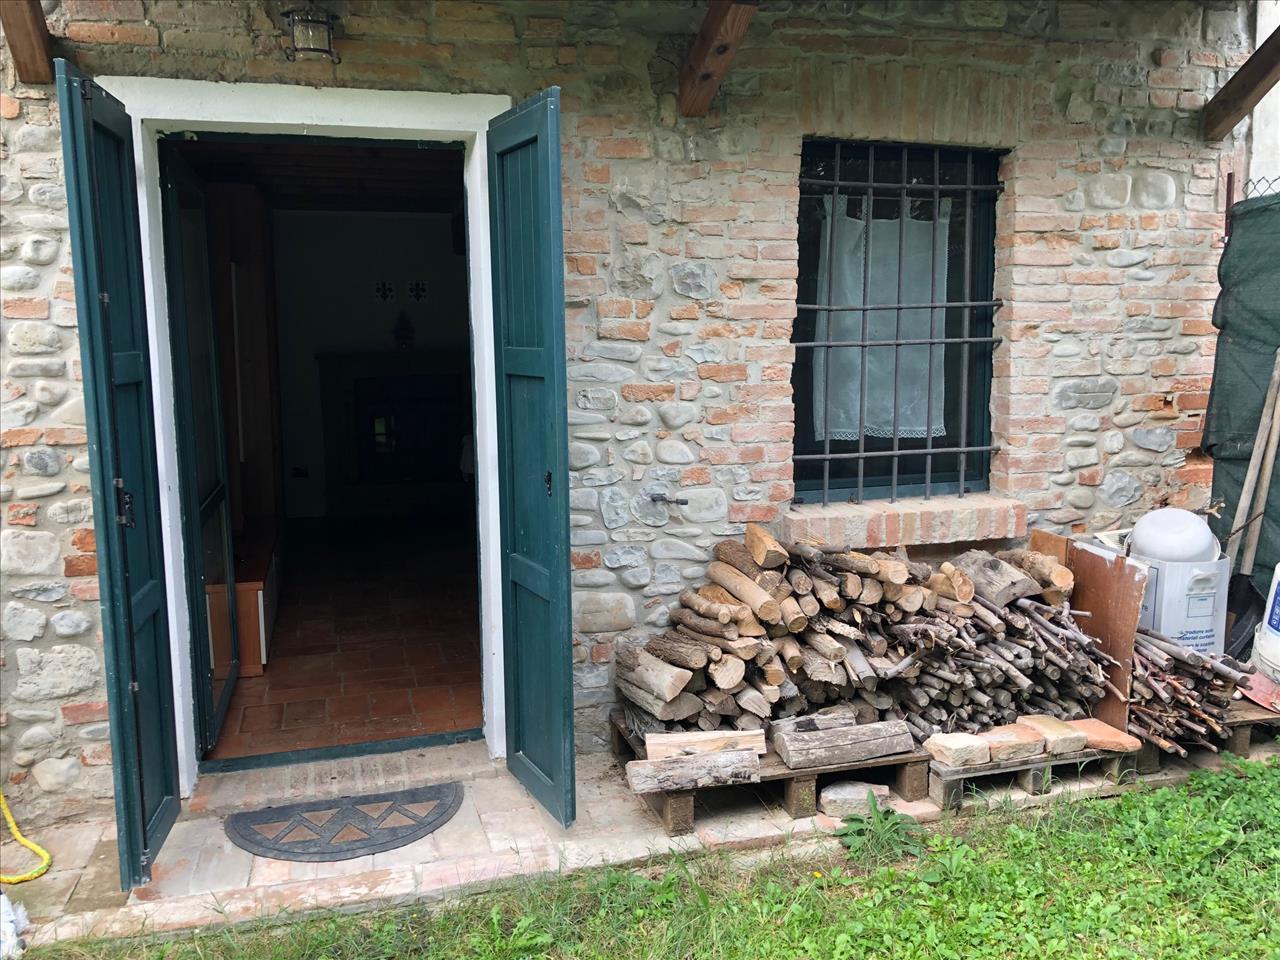 Soluzione Semindipendente in vendita a San Giorgio Piacentino, 3 locali, prezzo € 180.000 | CambioCasa.it